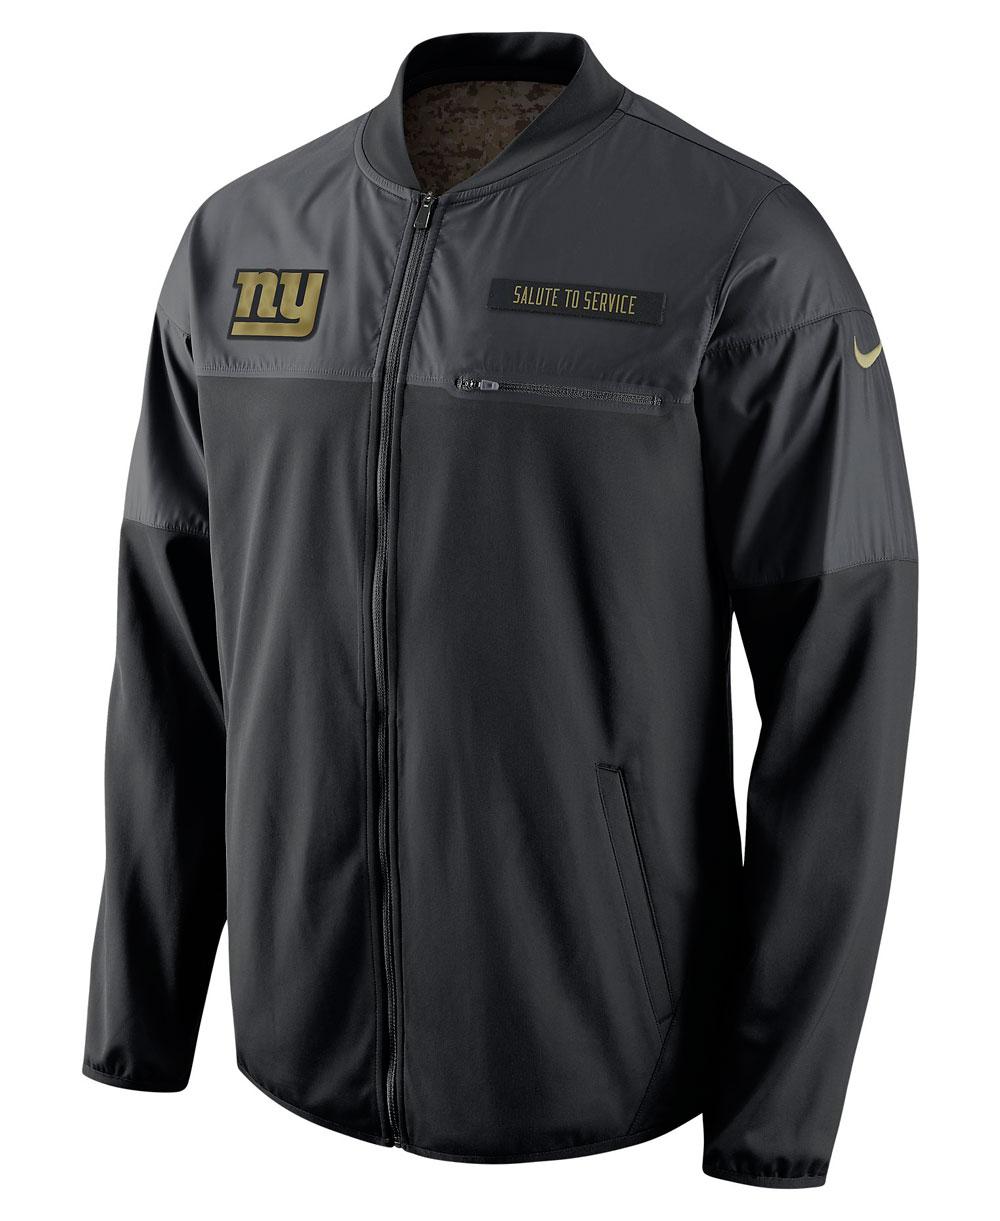 STS Hybrid Veste Homme NFL Giants